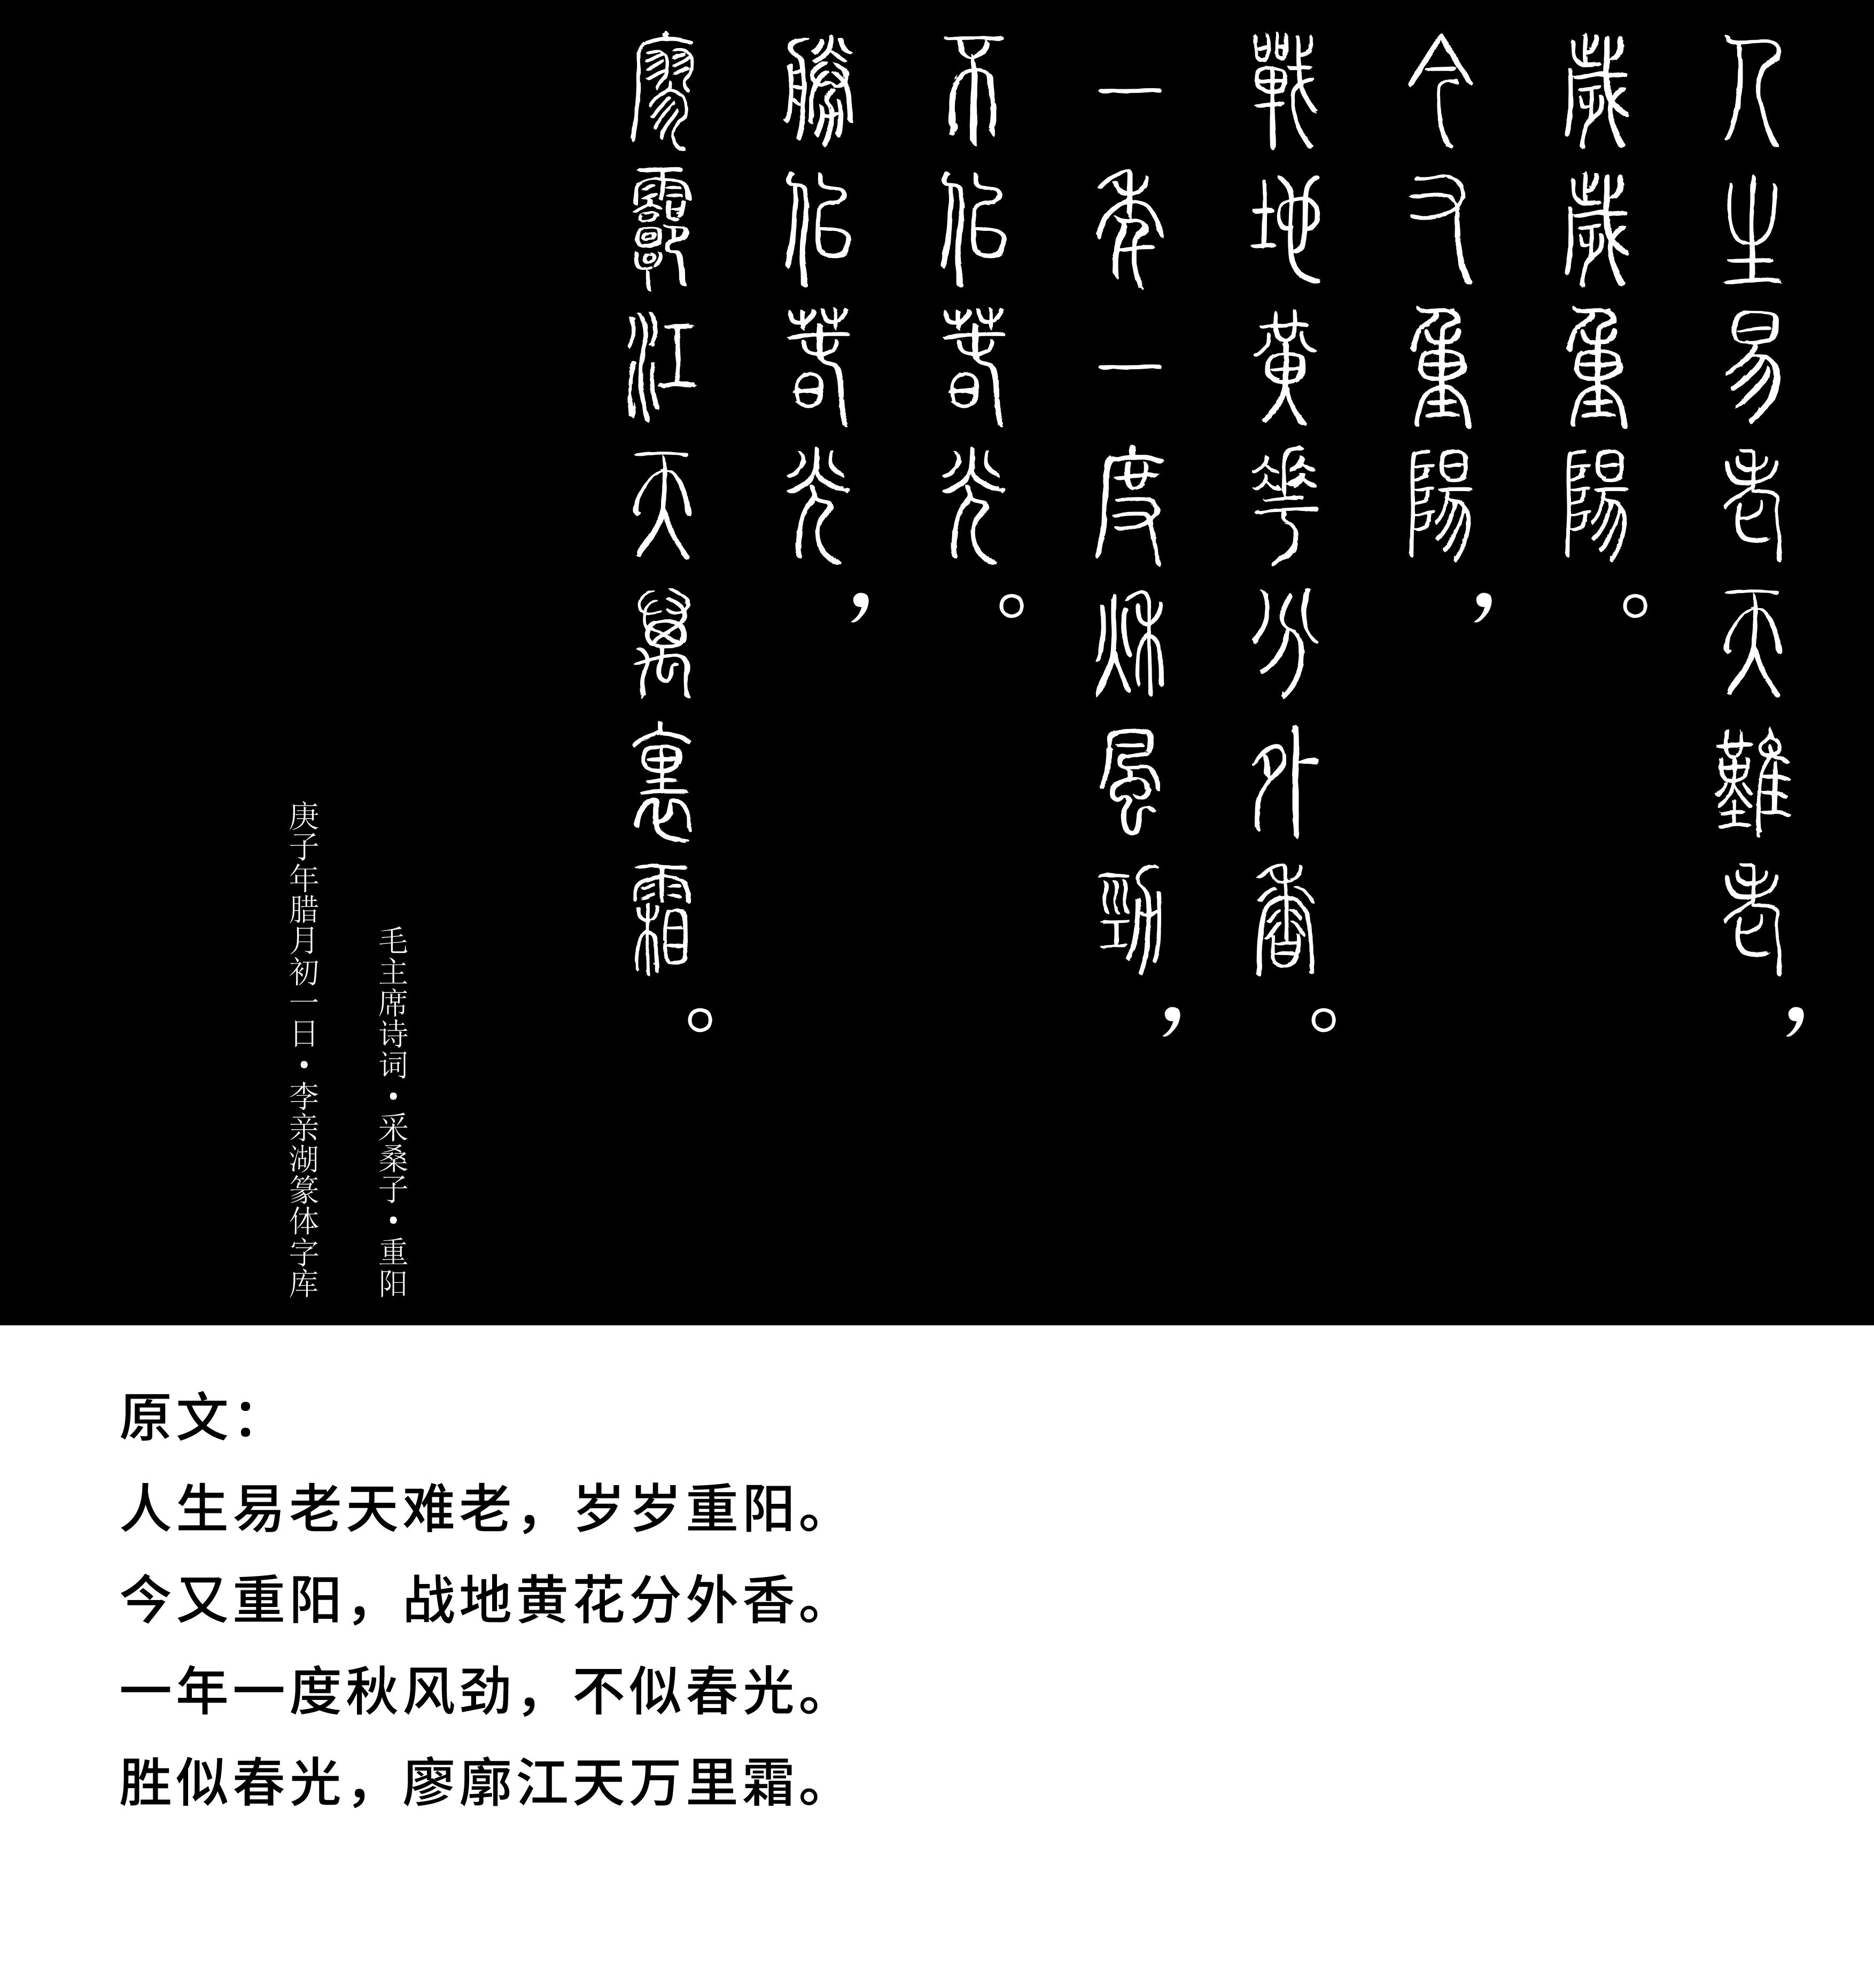 采桑子·重阳.jpg